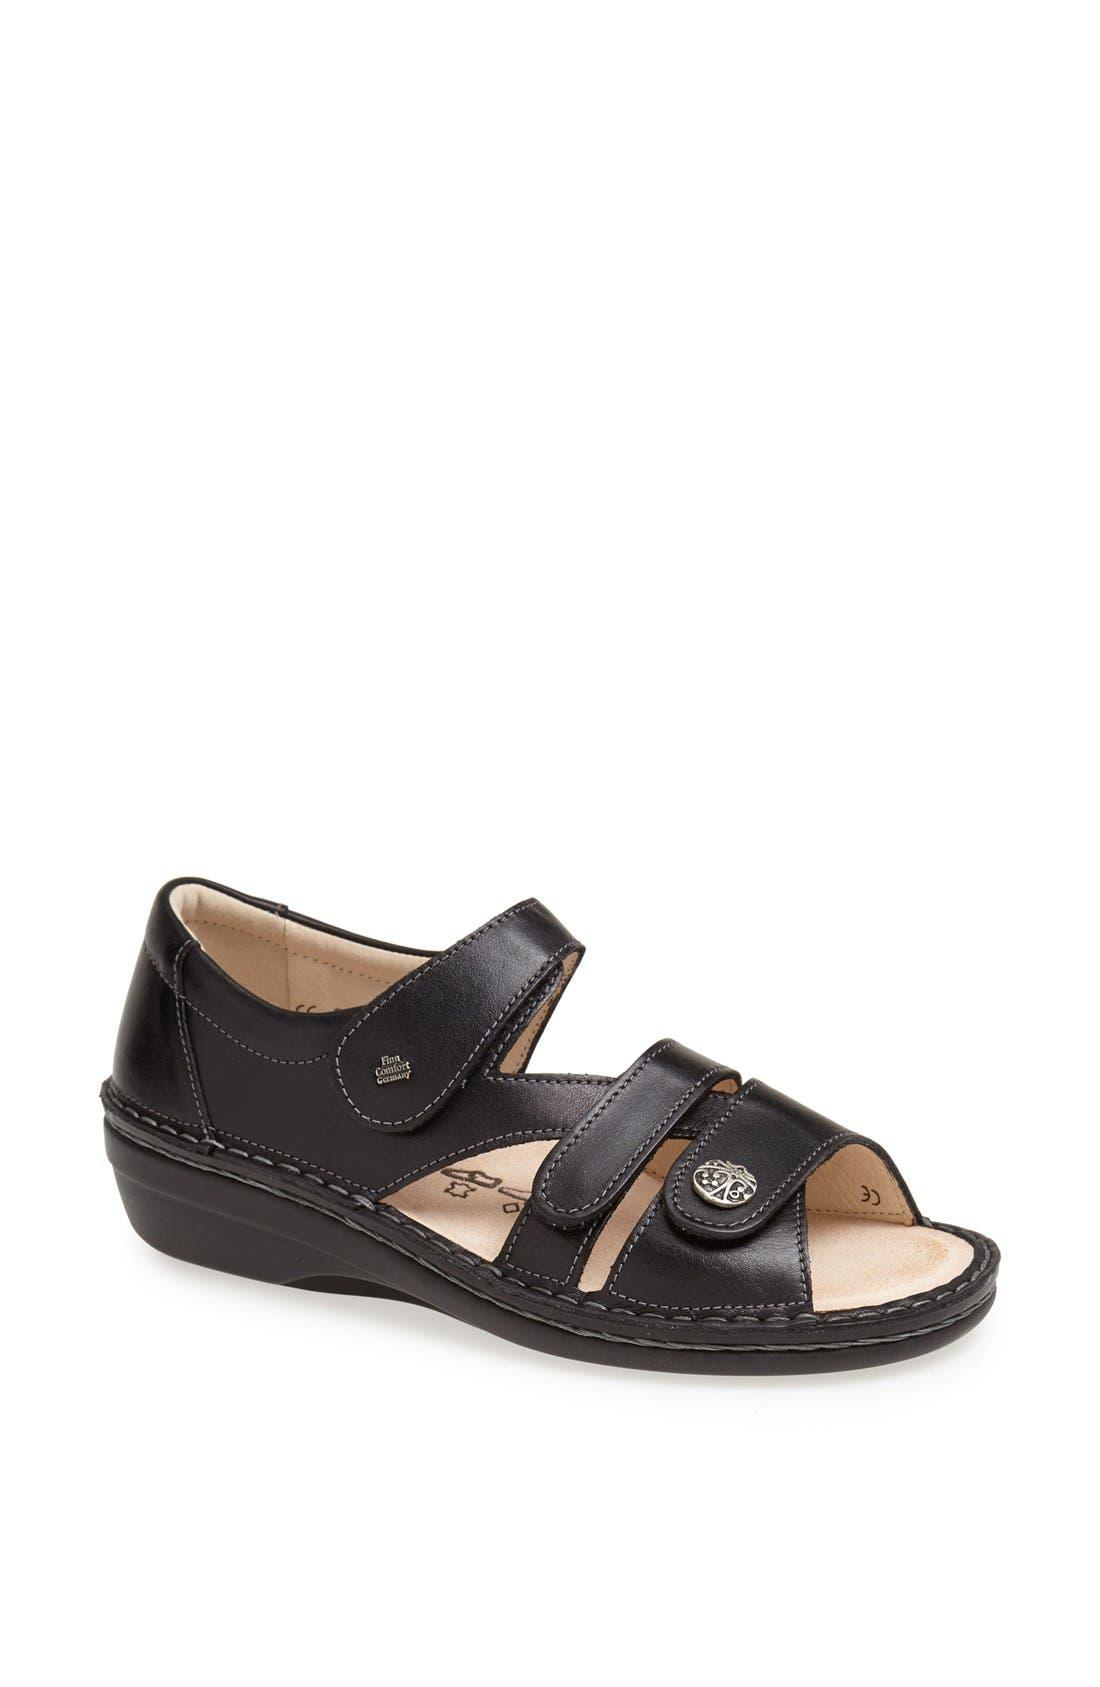 Alternate Image 1 Selected - Finn Comfort 'Sintra' Sandal